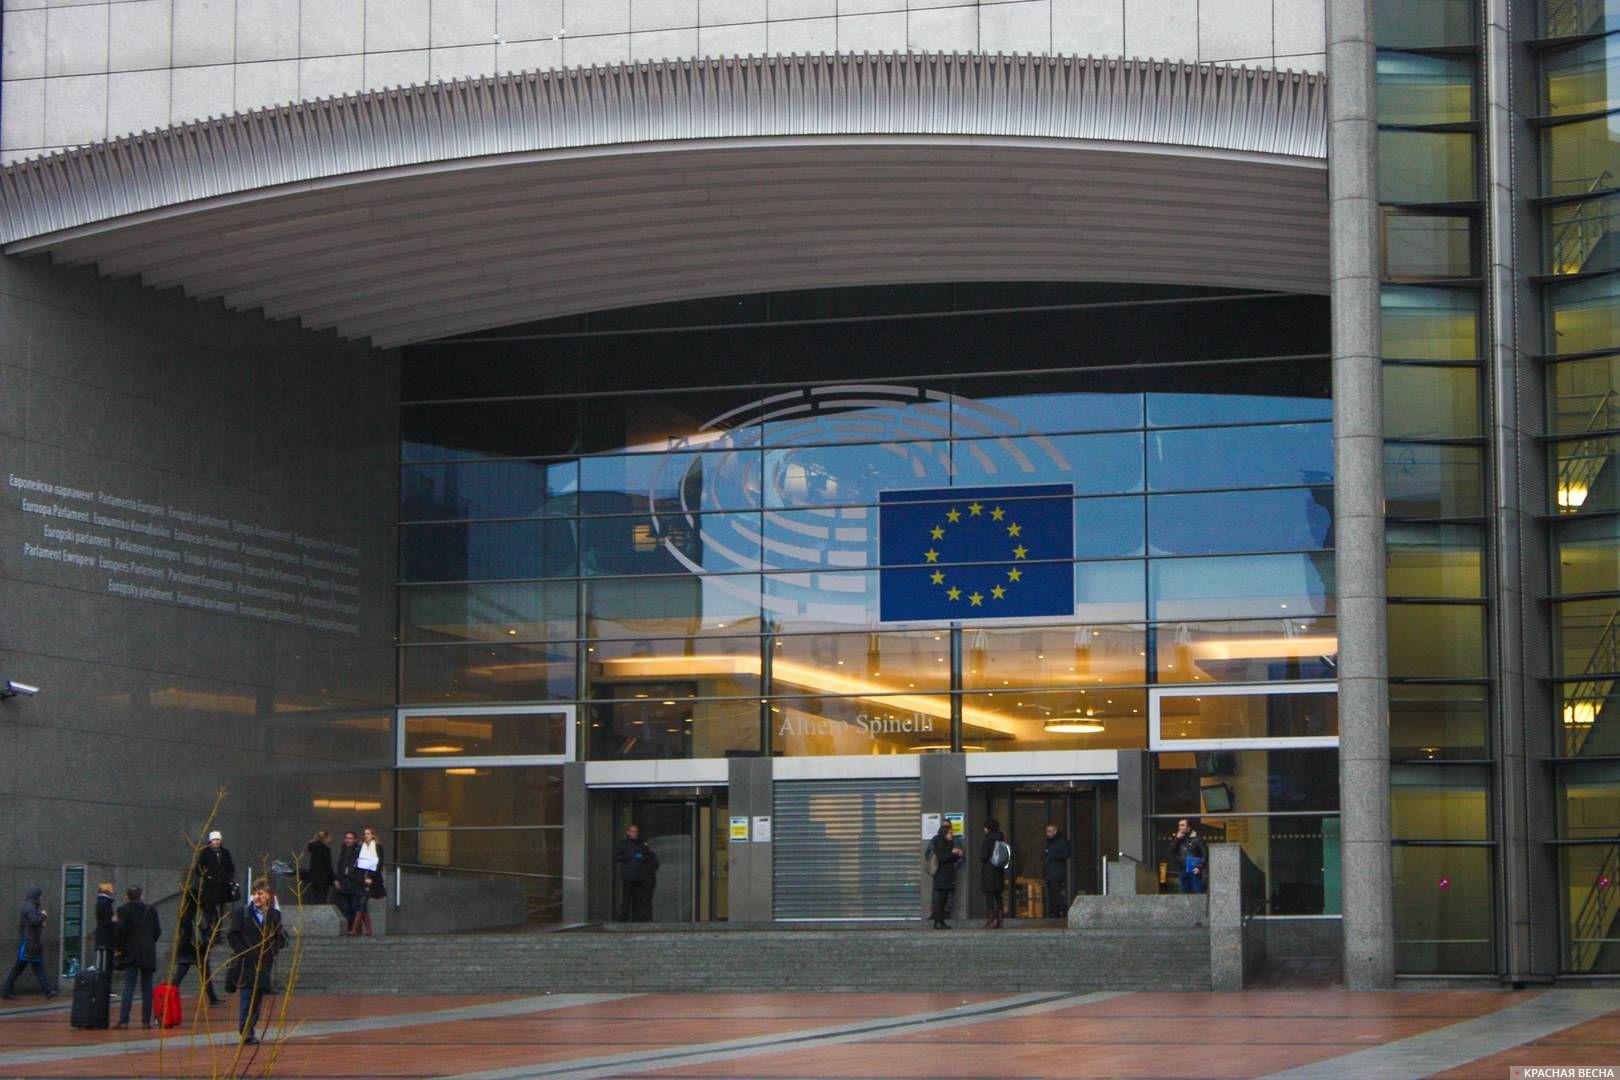 Европарламент. Европейский парламент. Брюссель. Бельгия